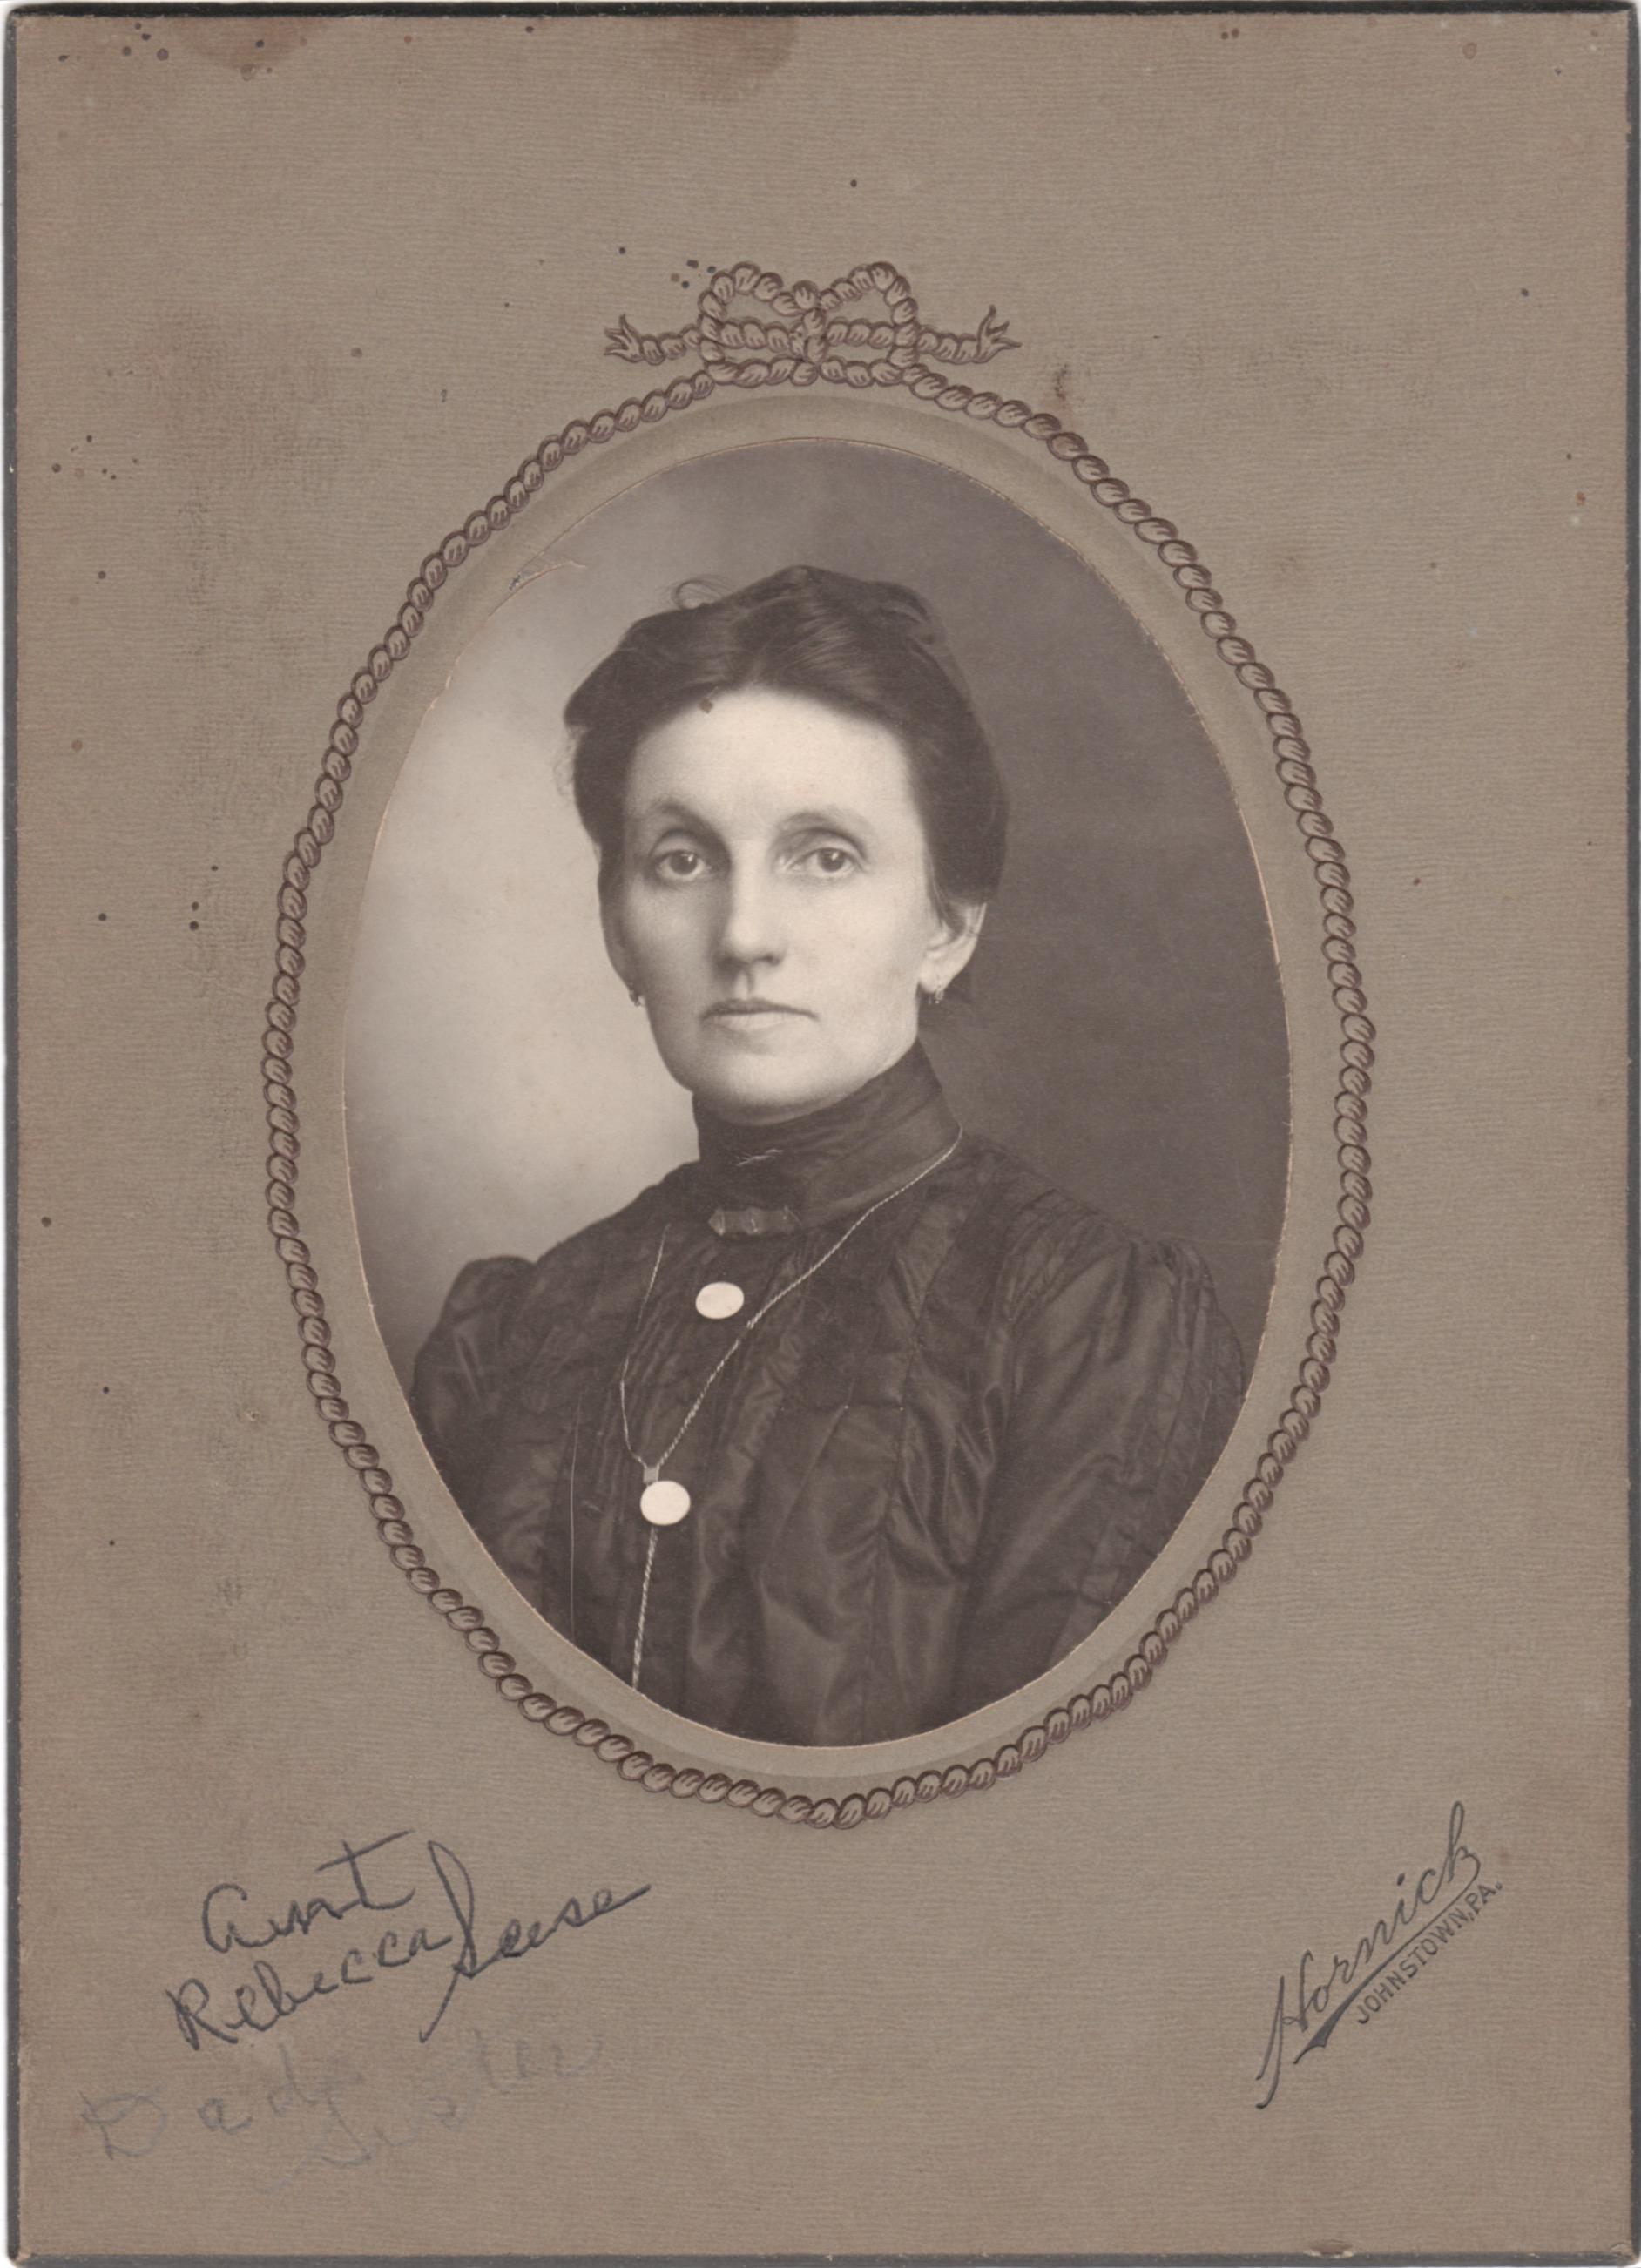 Rebecca Rhoads Seese (1859-1940)